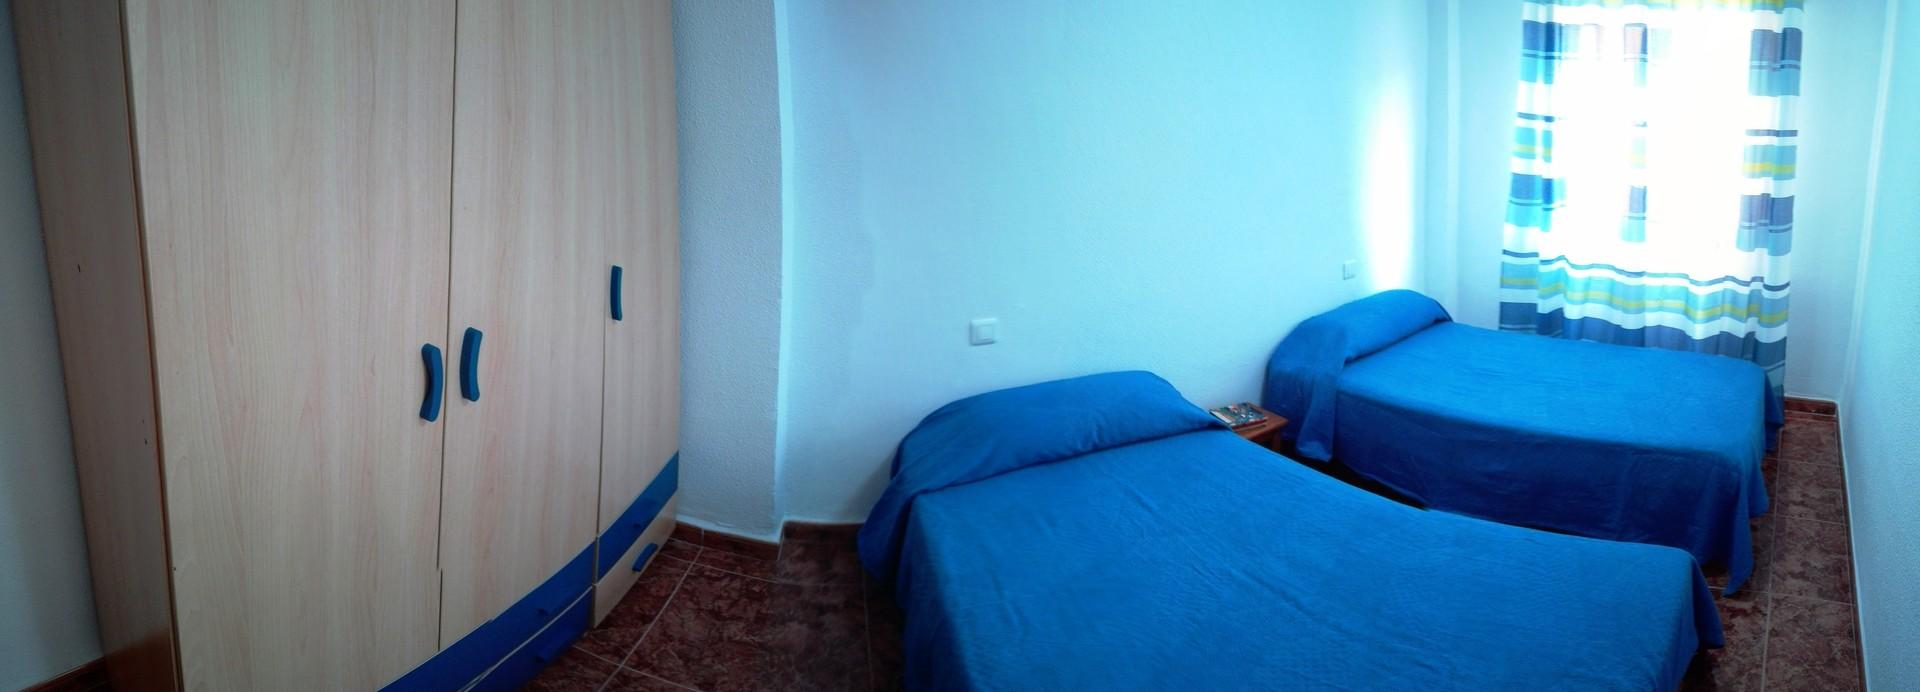 Alquilo habitaci n alicante todo incluido 200 room for rent alicante - Alquilo habitacion en alicante ...